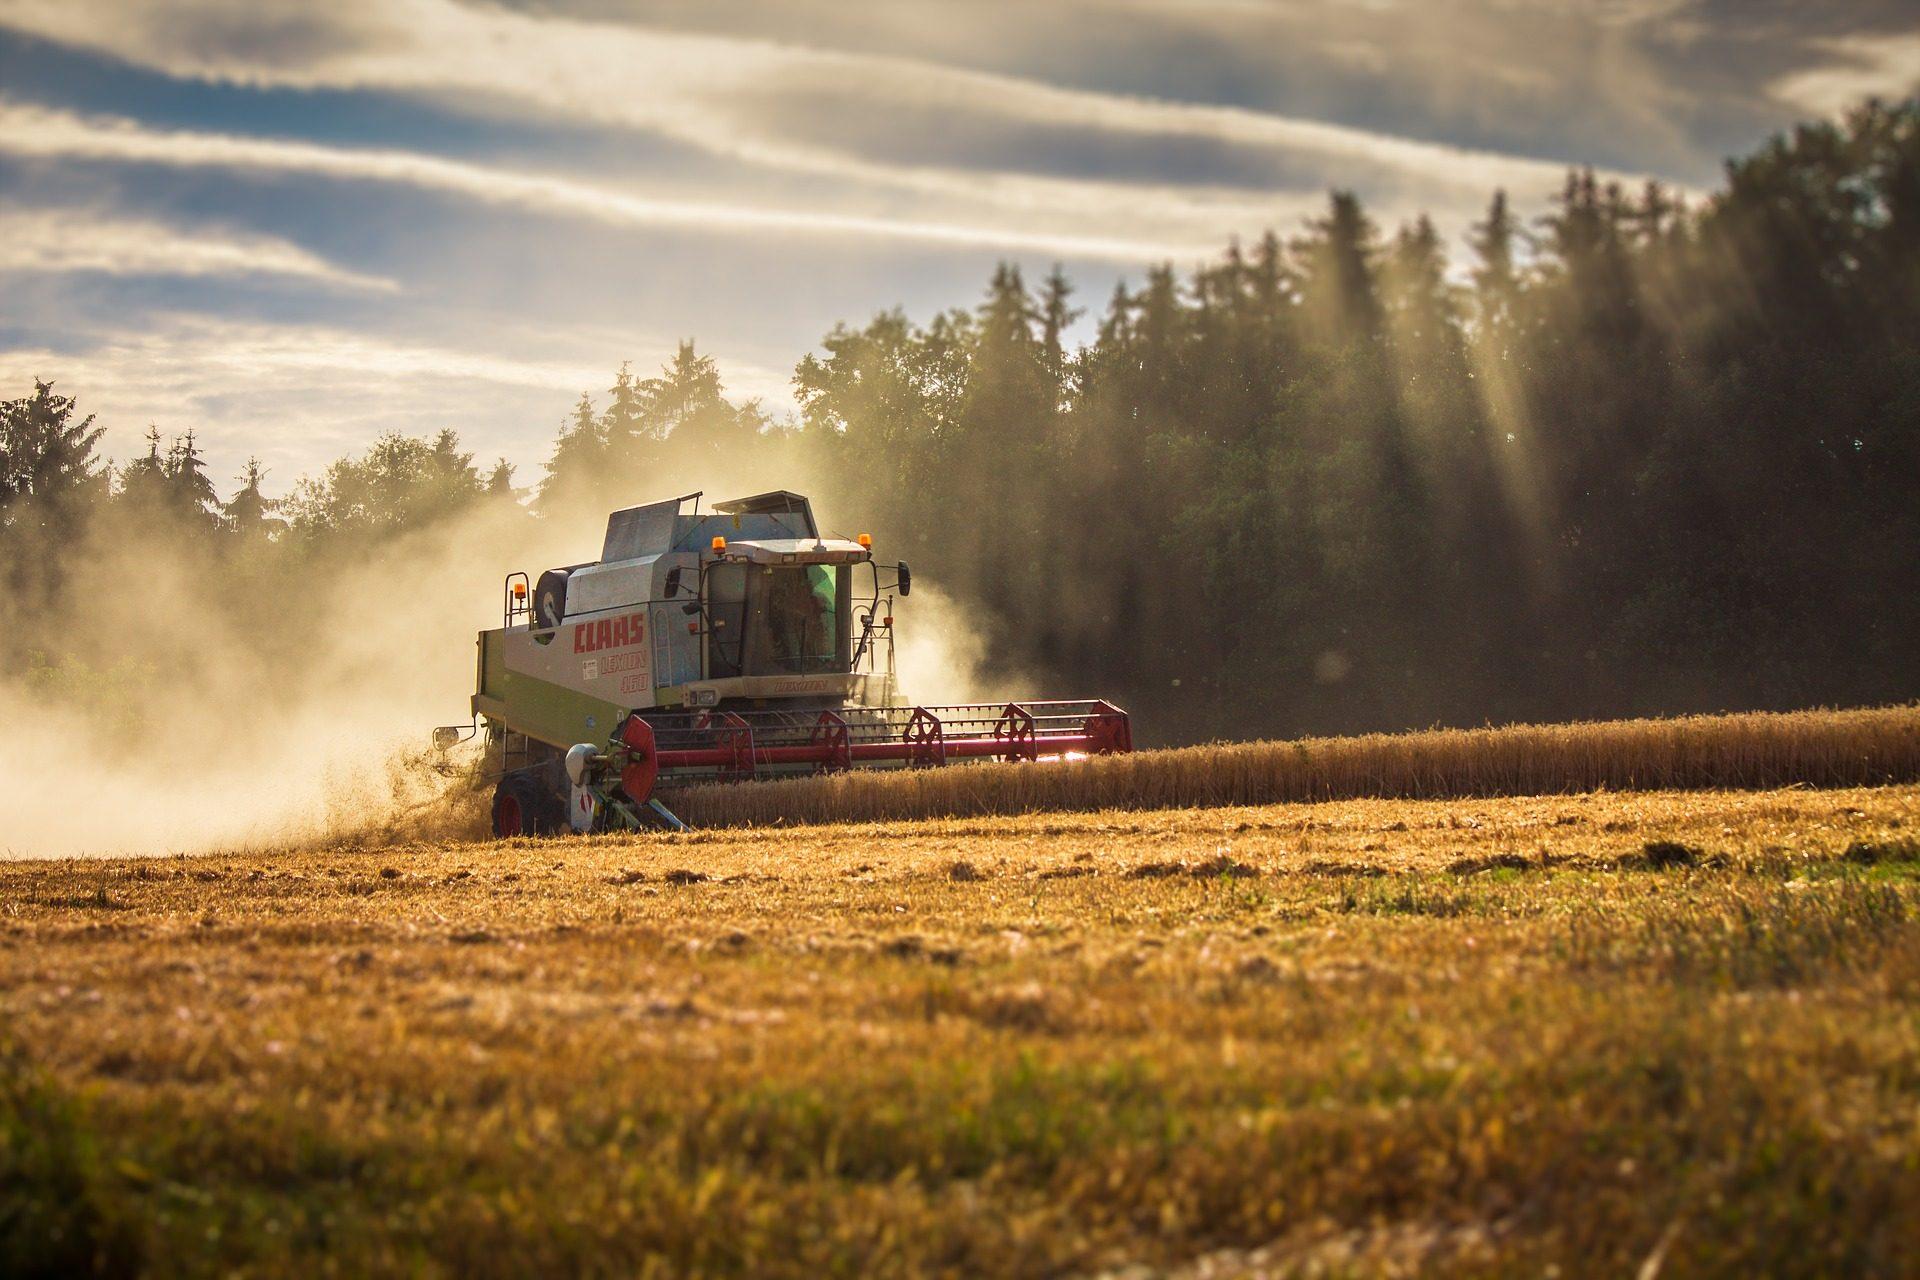 Máquina, combinare, campo, coltivazione, Agricoltura, cereali - Sfondi HD - Professor-falken.com